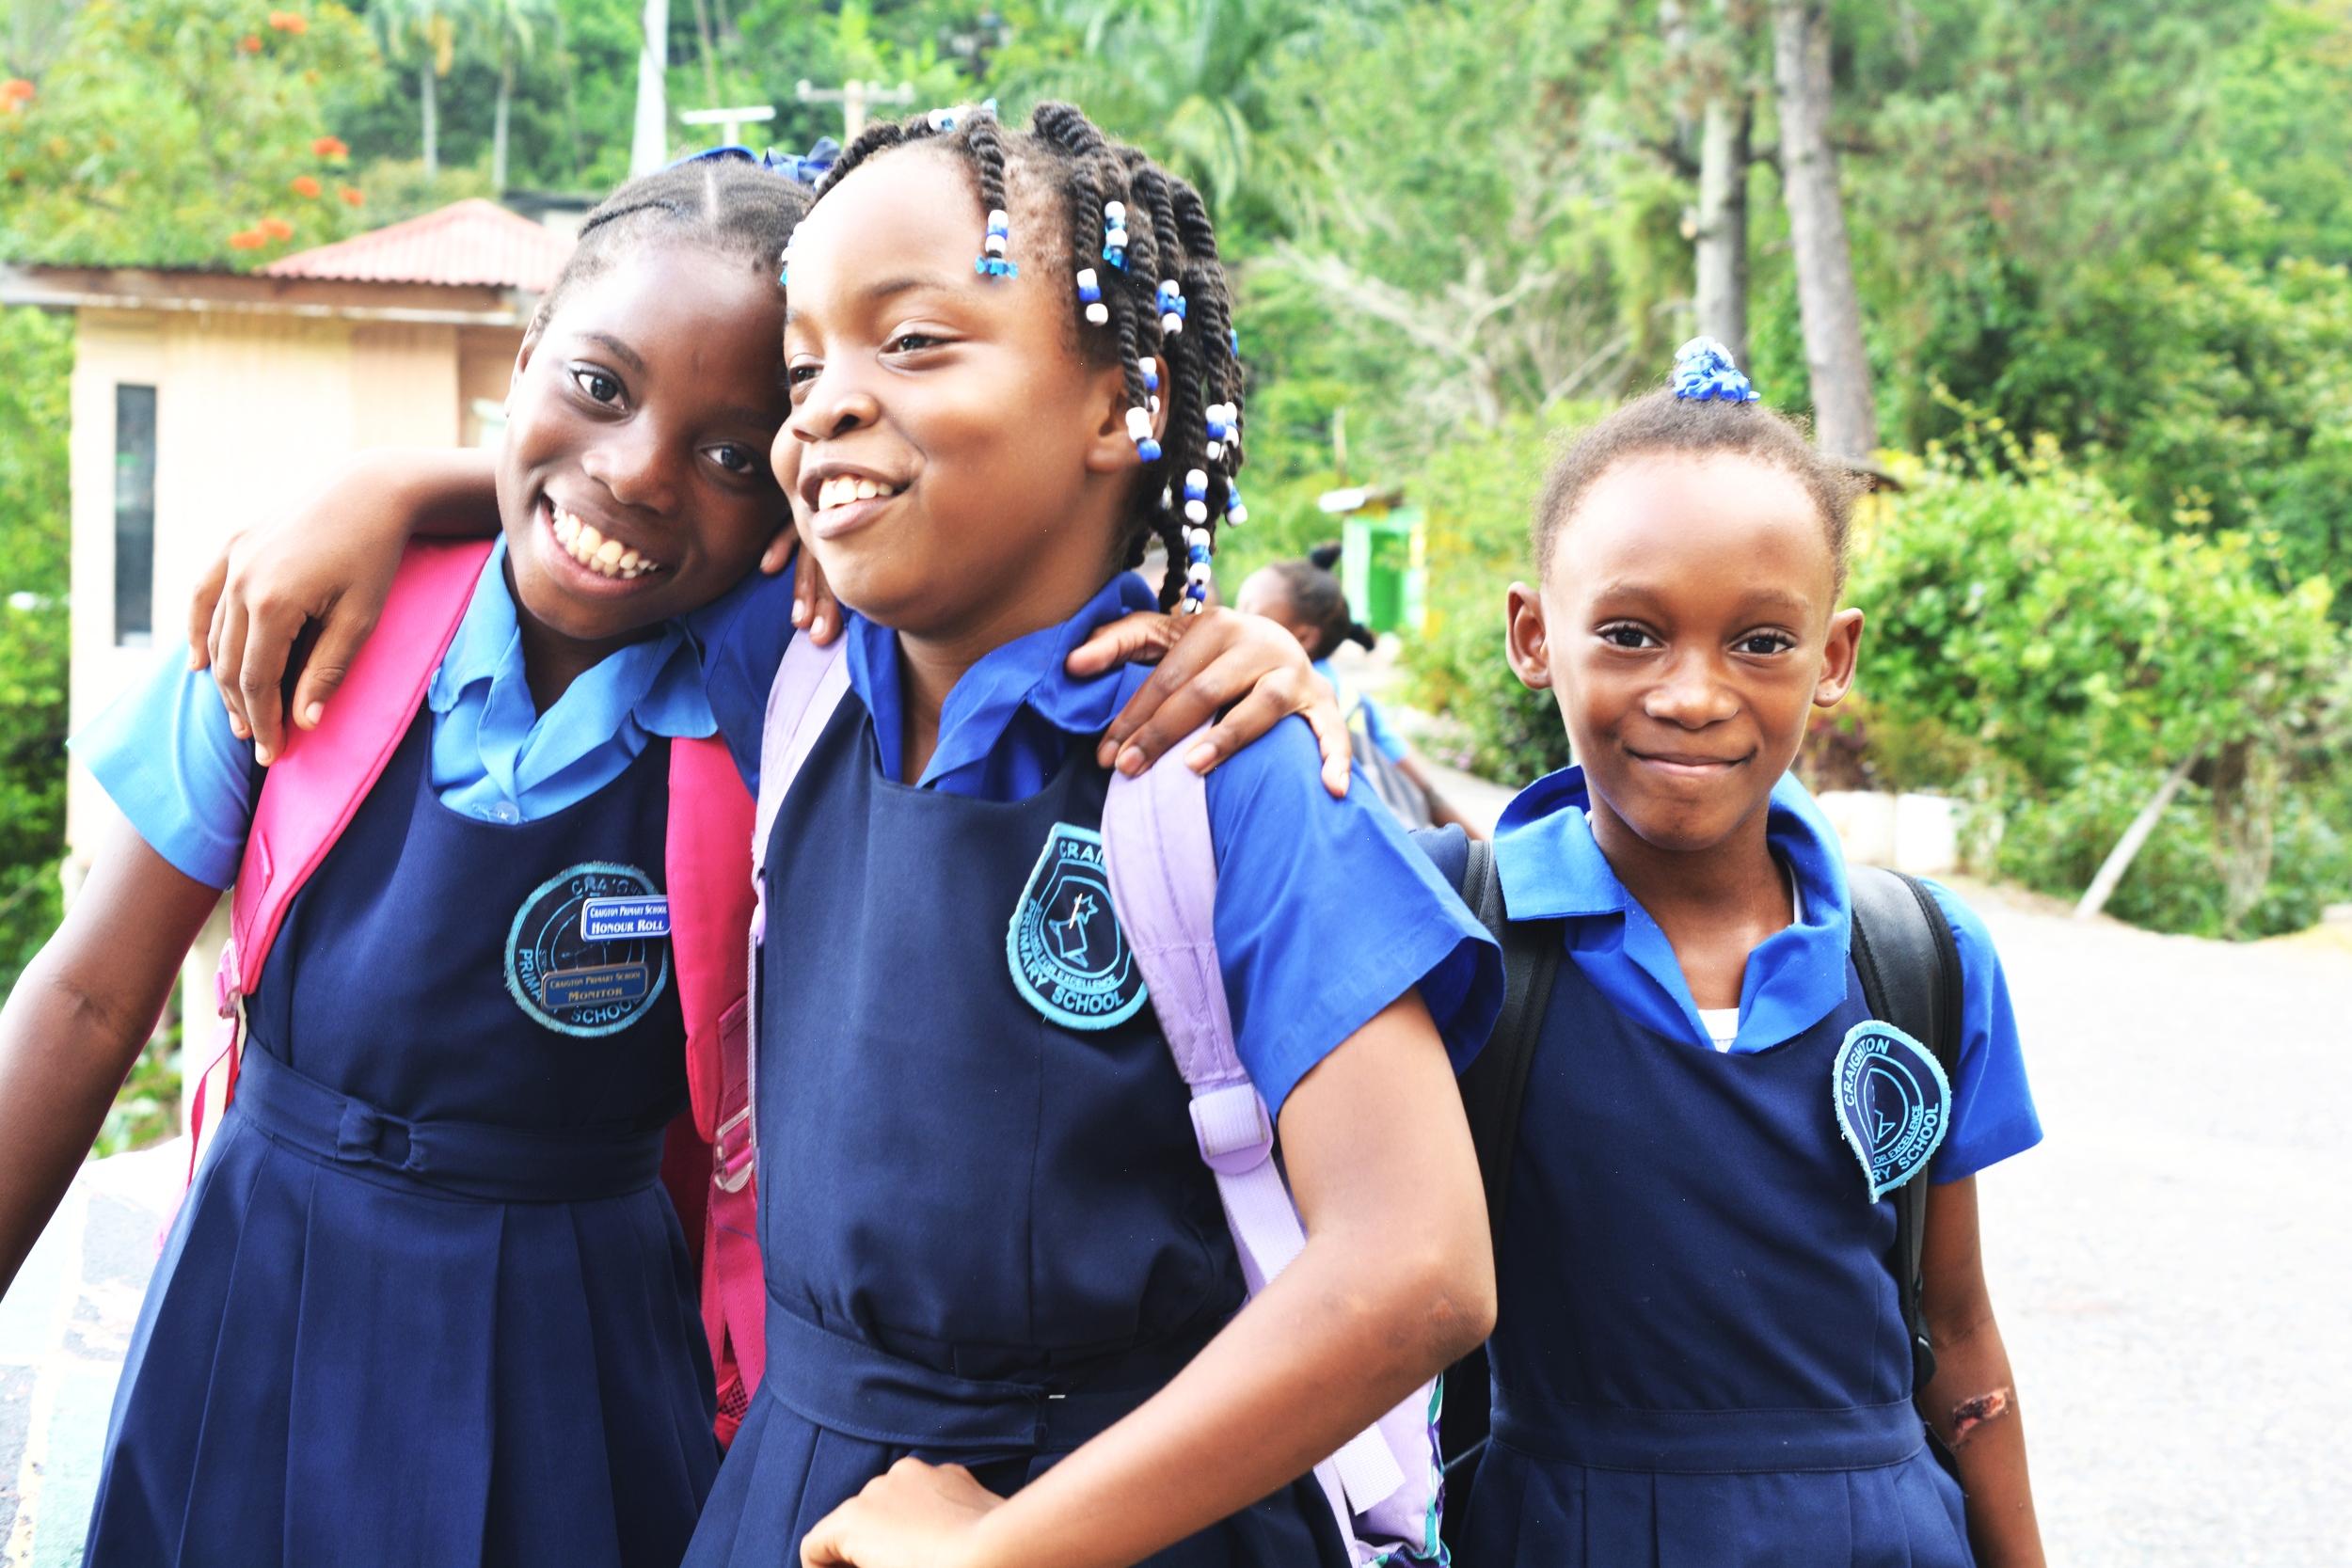 Jamaican School Children